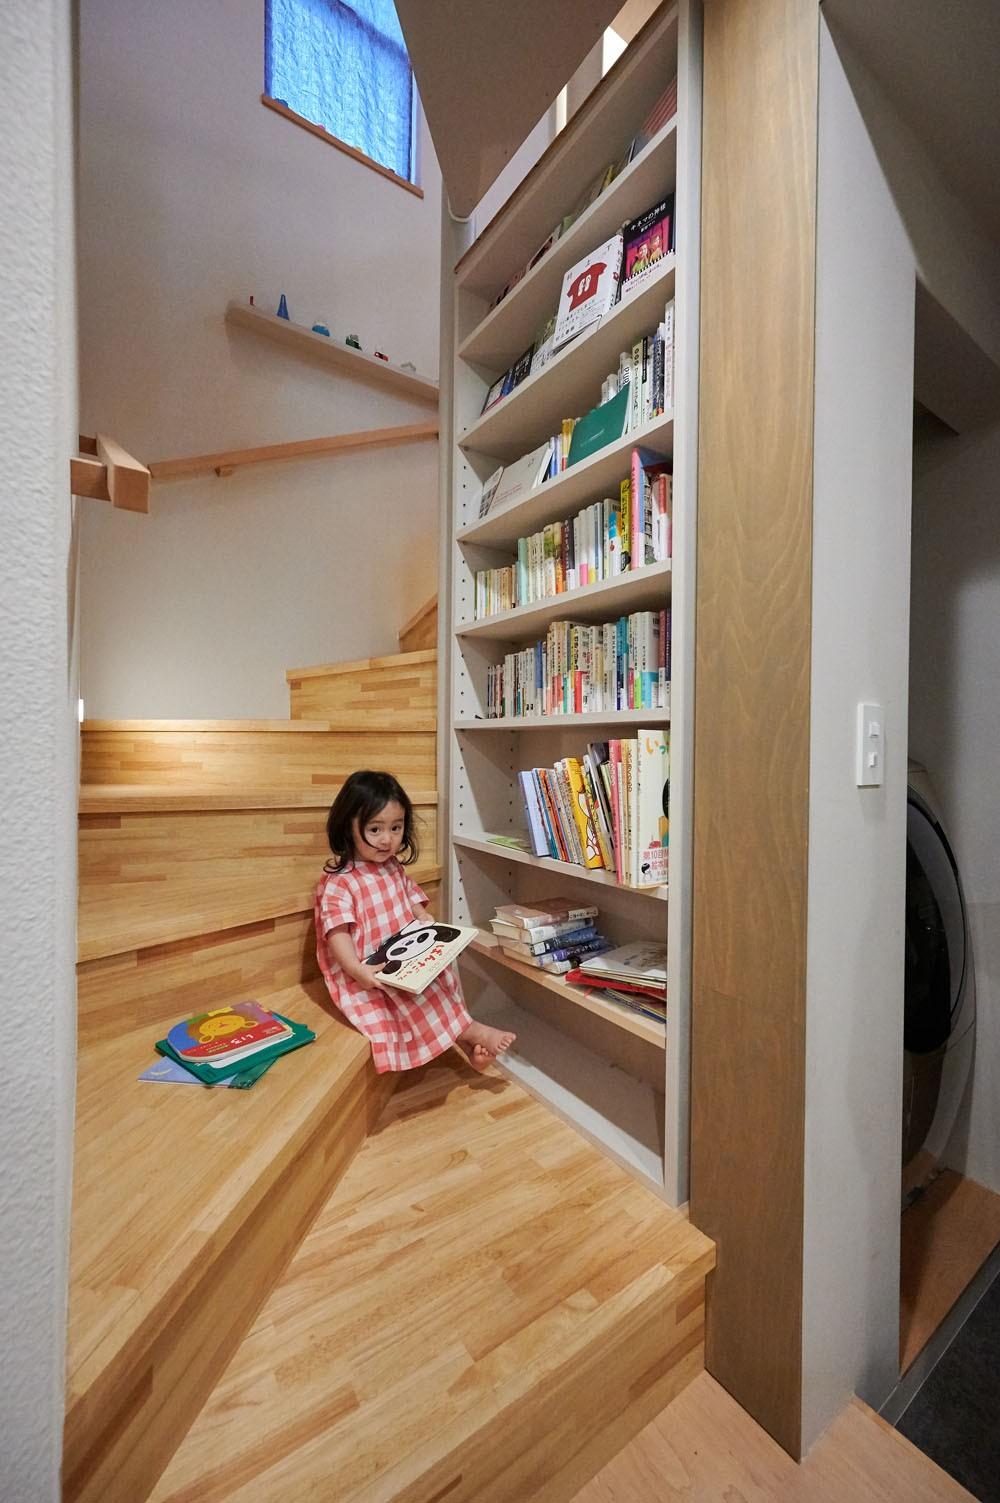 その他事例:階段下の読書スペース(幾何学模様に出会えるまちの家)